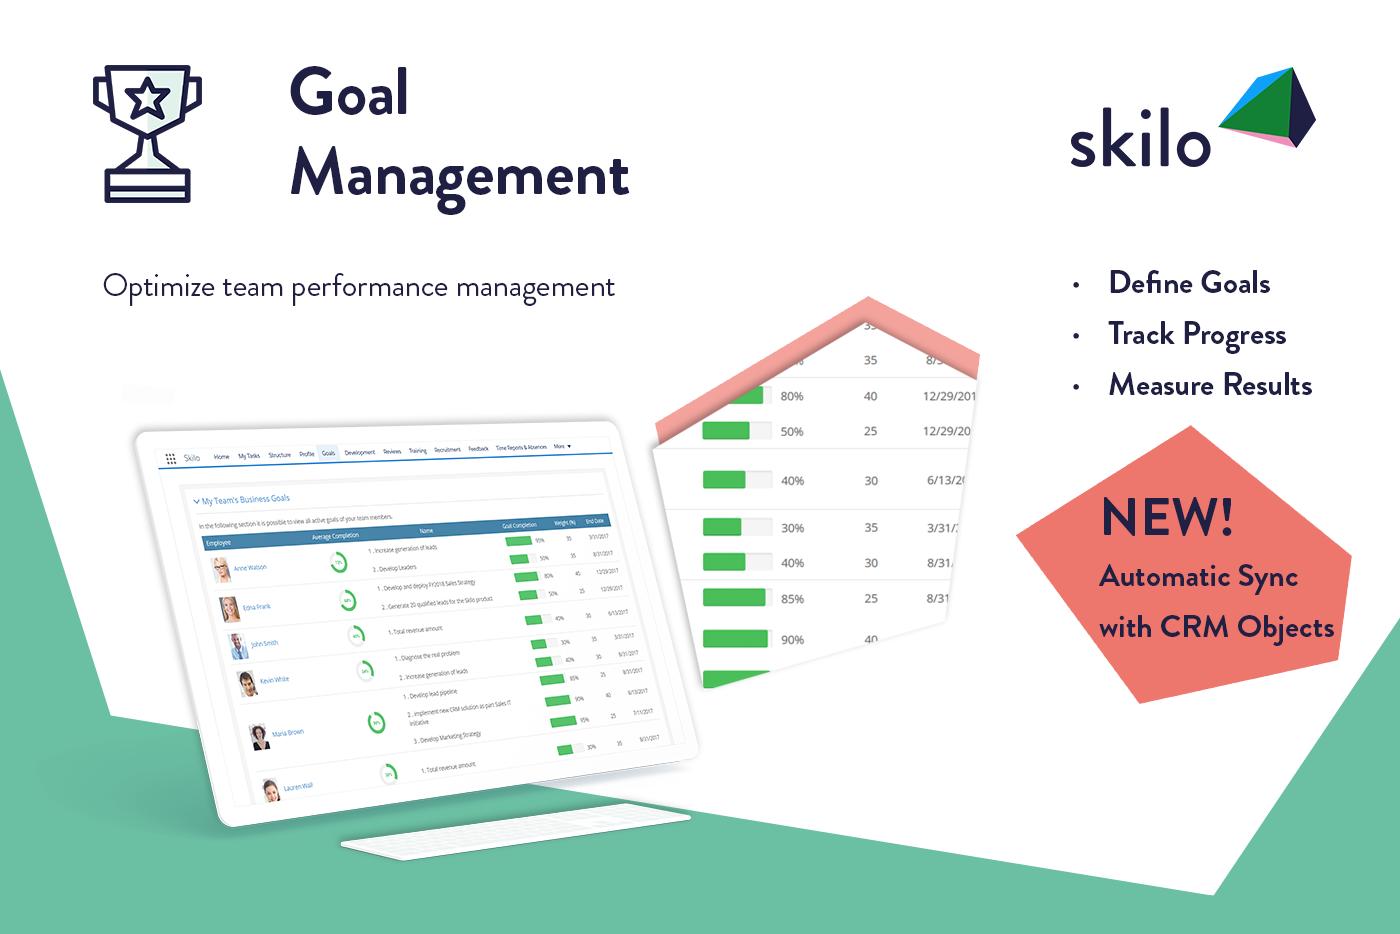 Skilo Demo - Goal Management App on Salesforce®